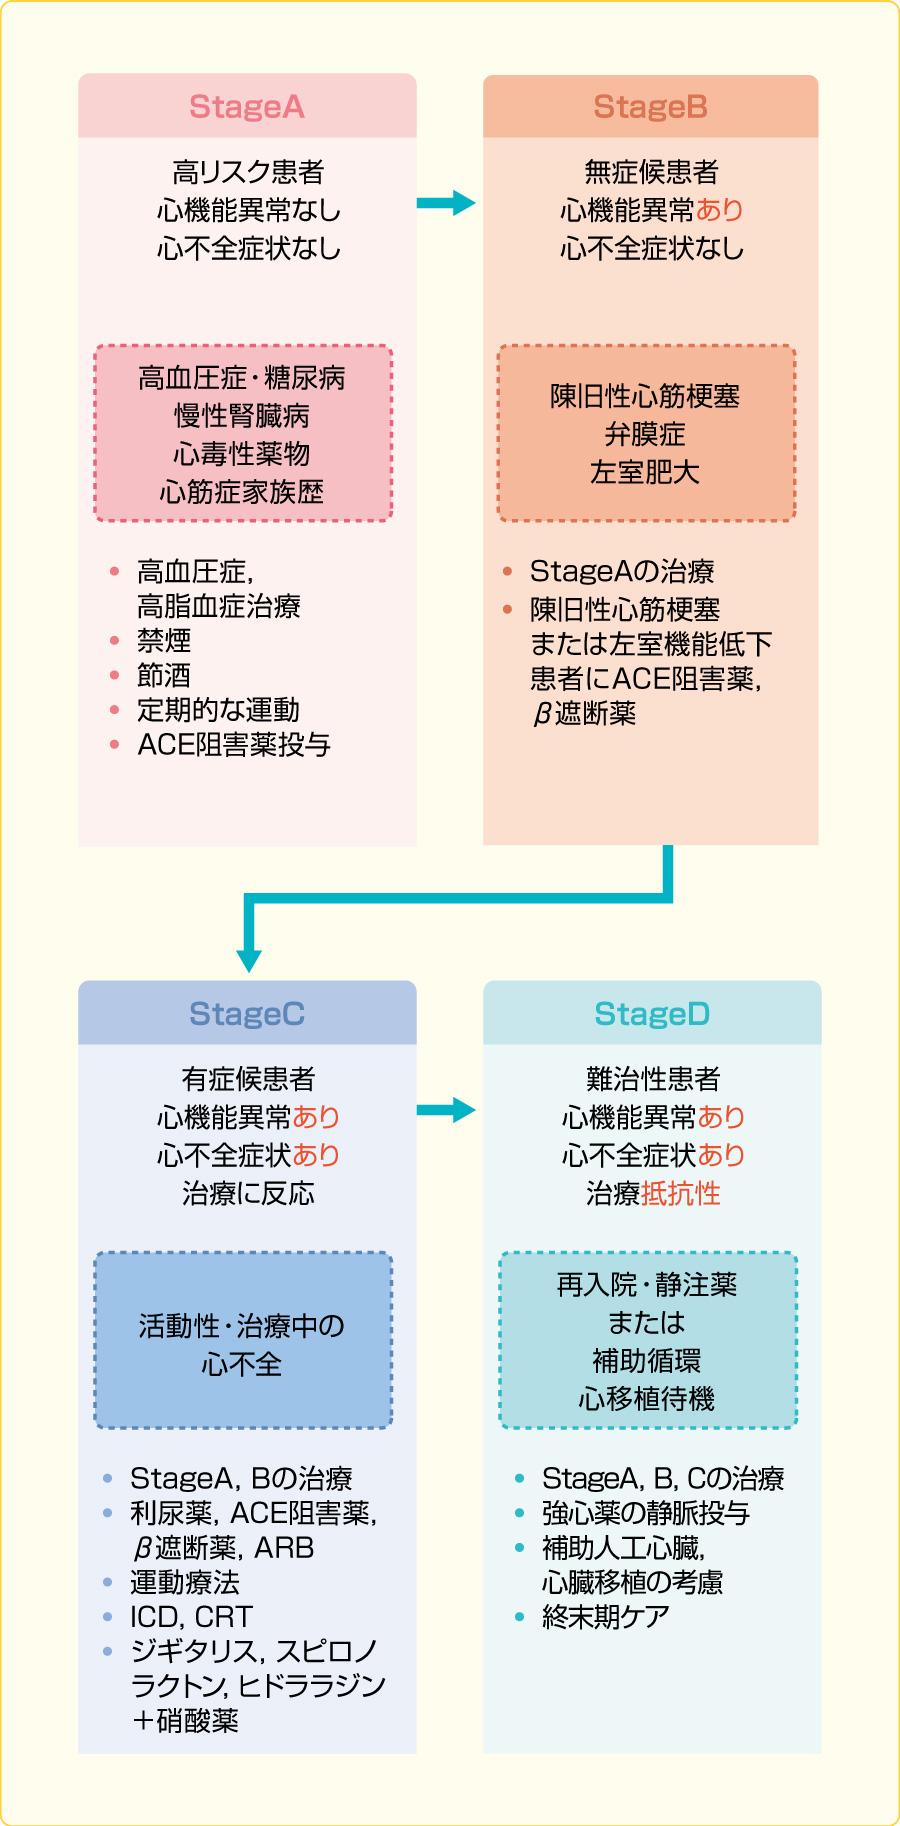 AHA/ACC心不全ステージ分類と治療(文献2より引用)